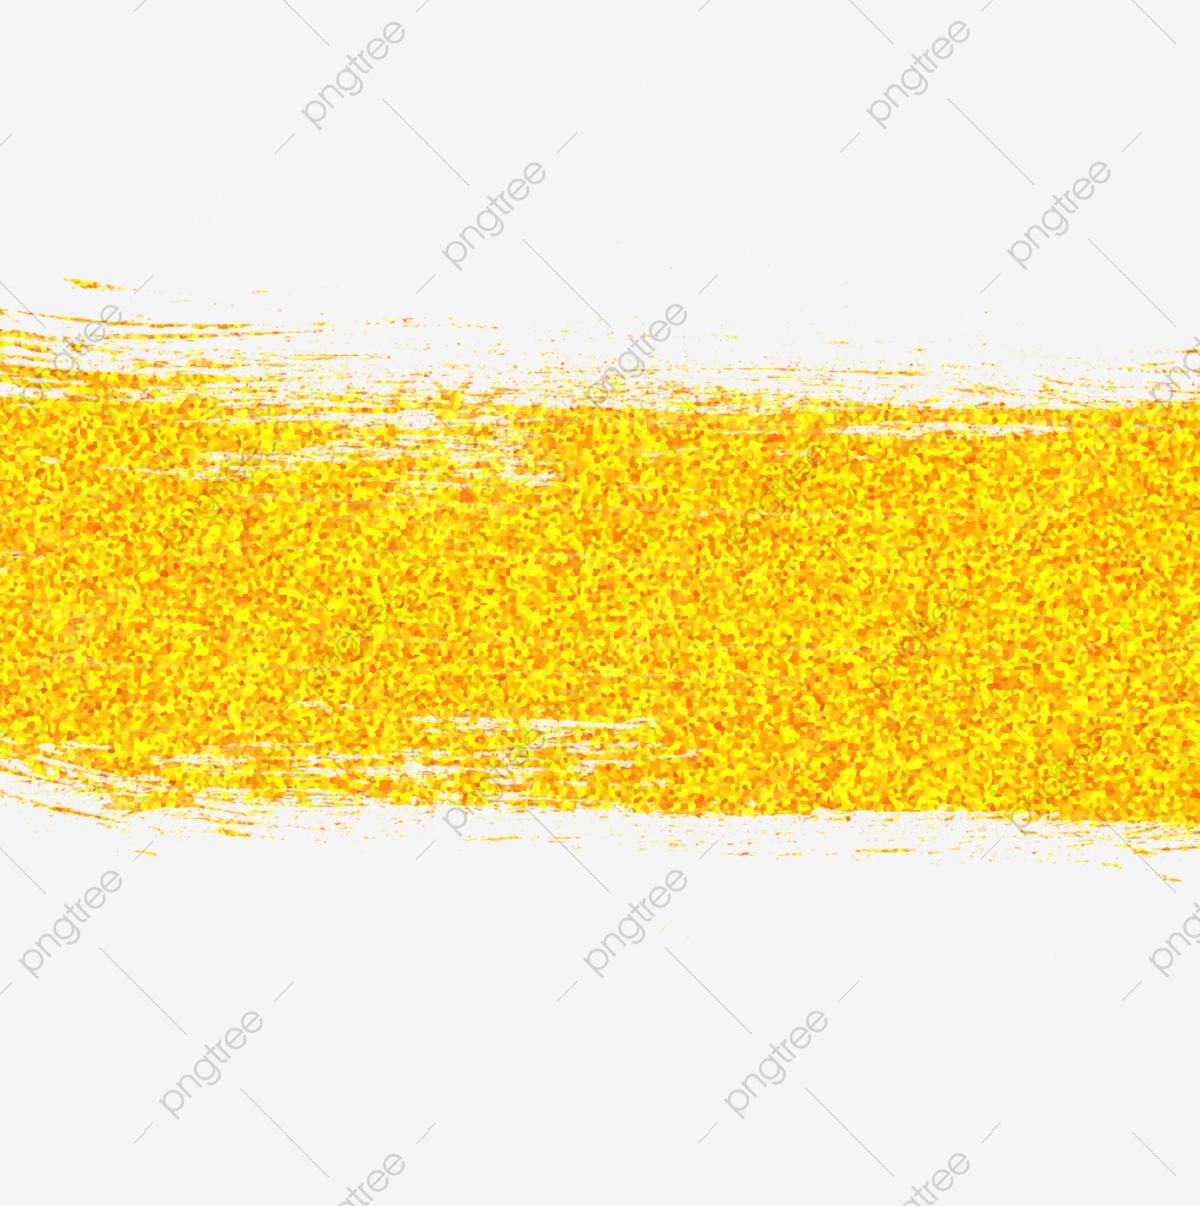 Pincel De Brilhante Dourado Abstract Fundo Abstrato Pano